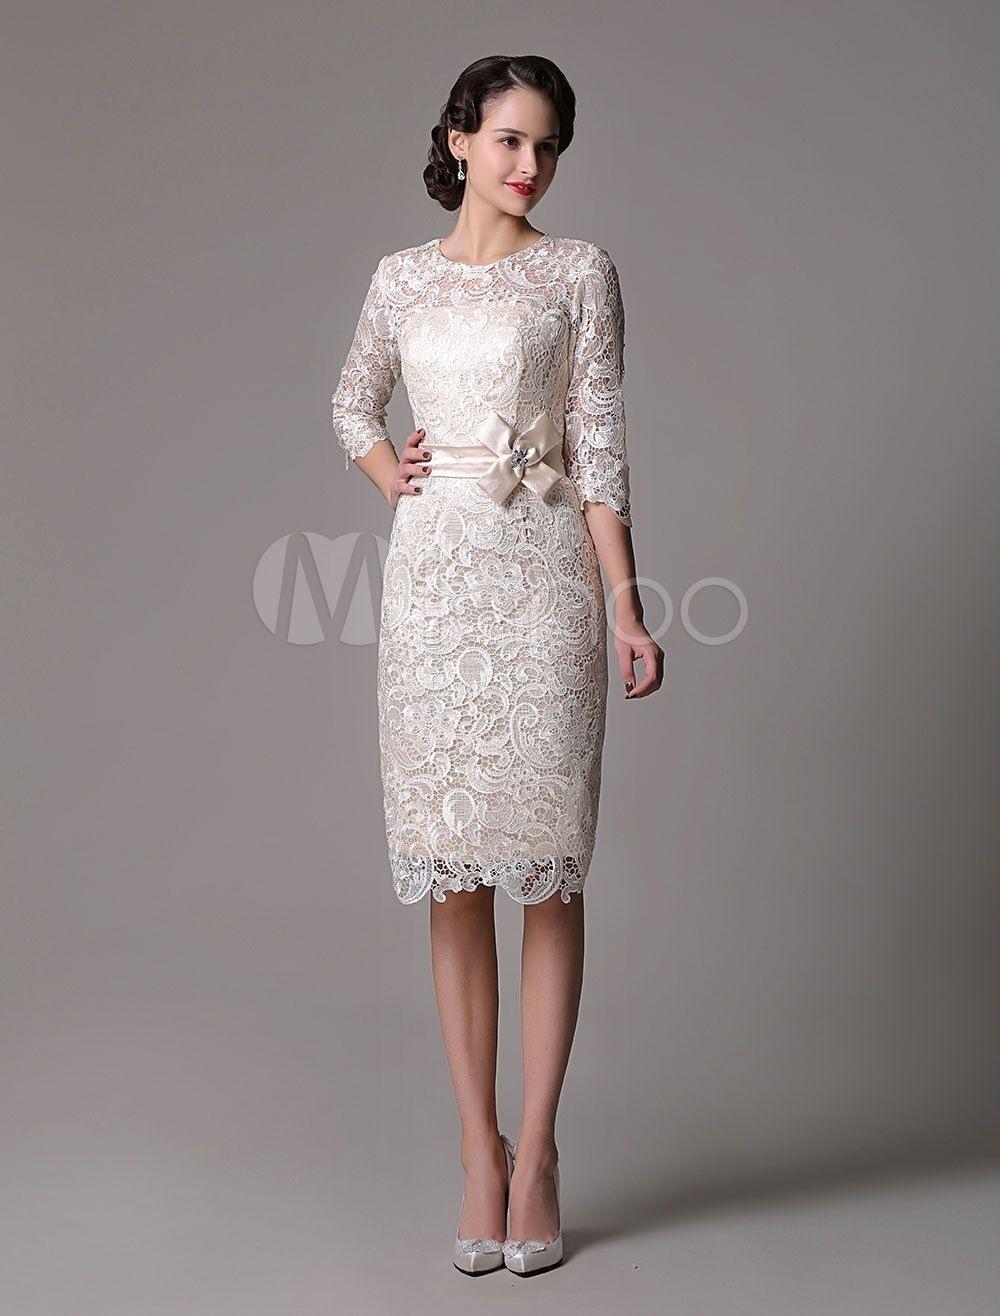 15 Leicht Kleider Für Ältere Hochzeitsgäste für 1519 - Abendkleid